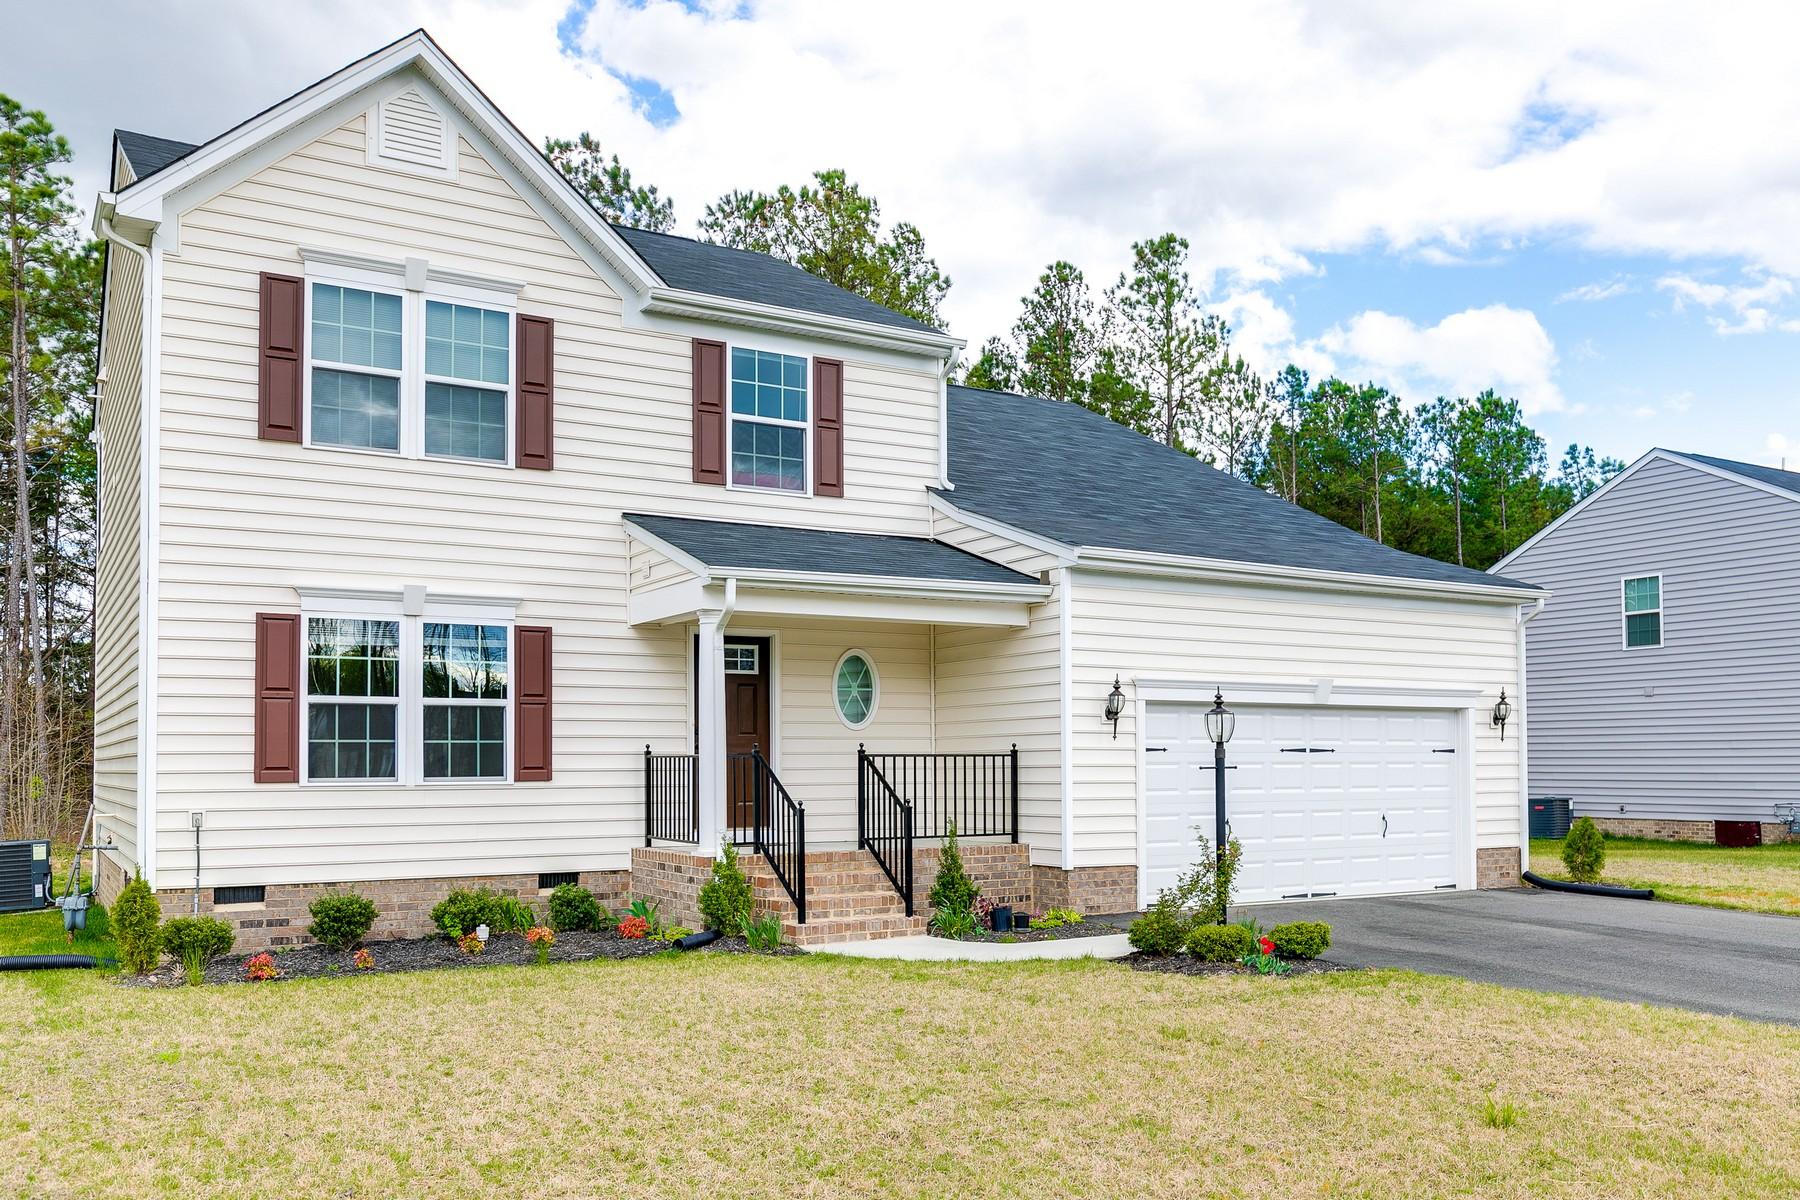 Частный односемейный дом для того Продажа на 5428 Mason Manor Drive, Richmond Richmond, Виргиния, 23223 Соединенные Штаты